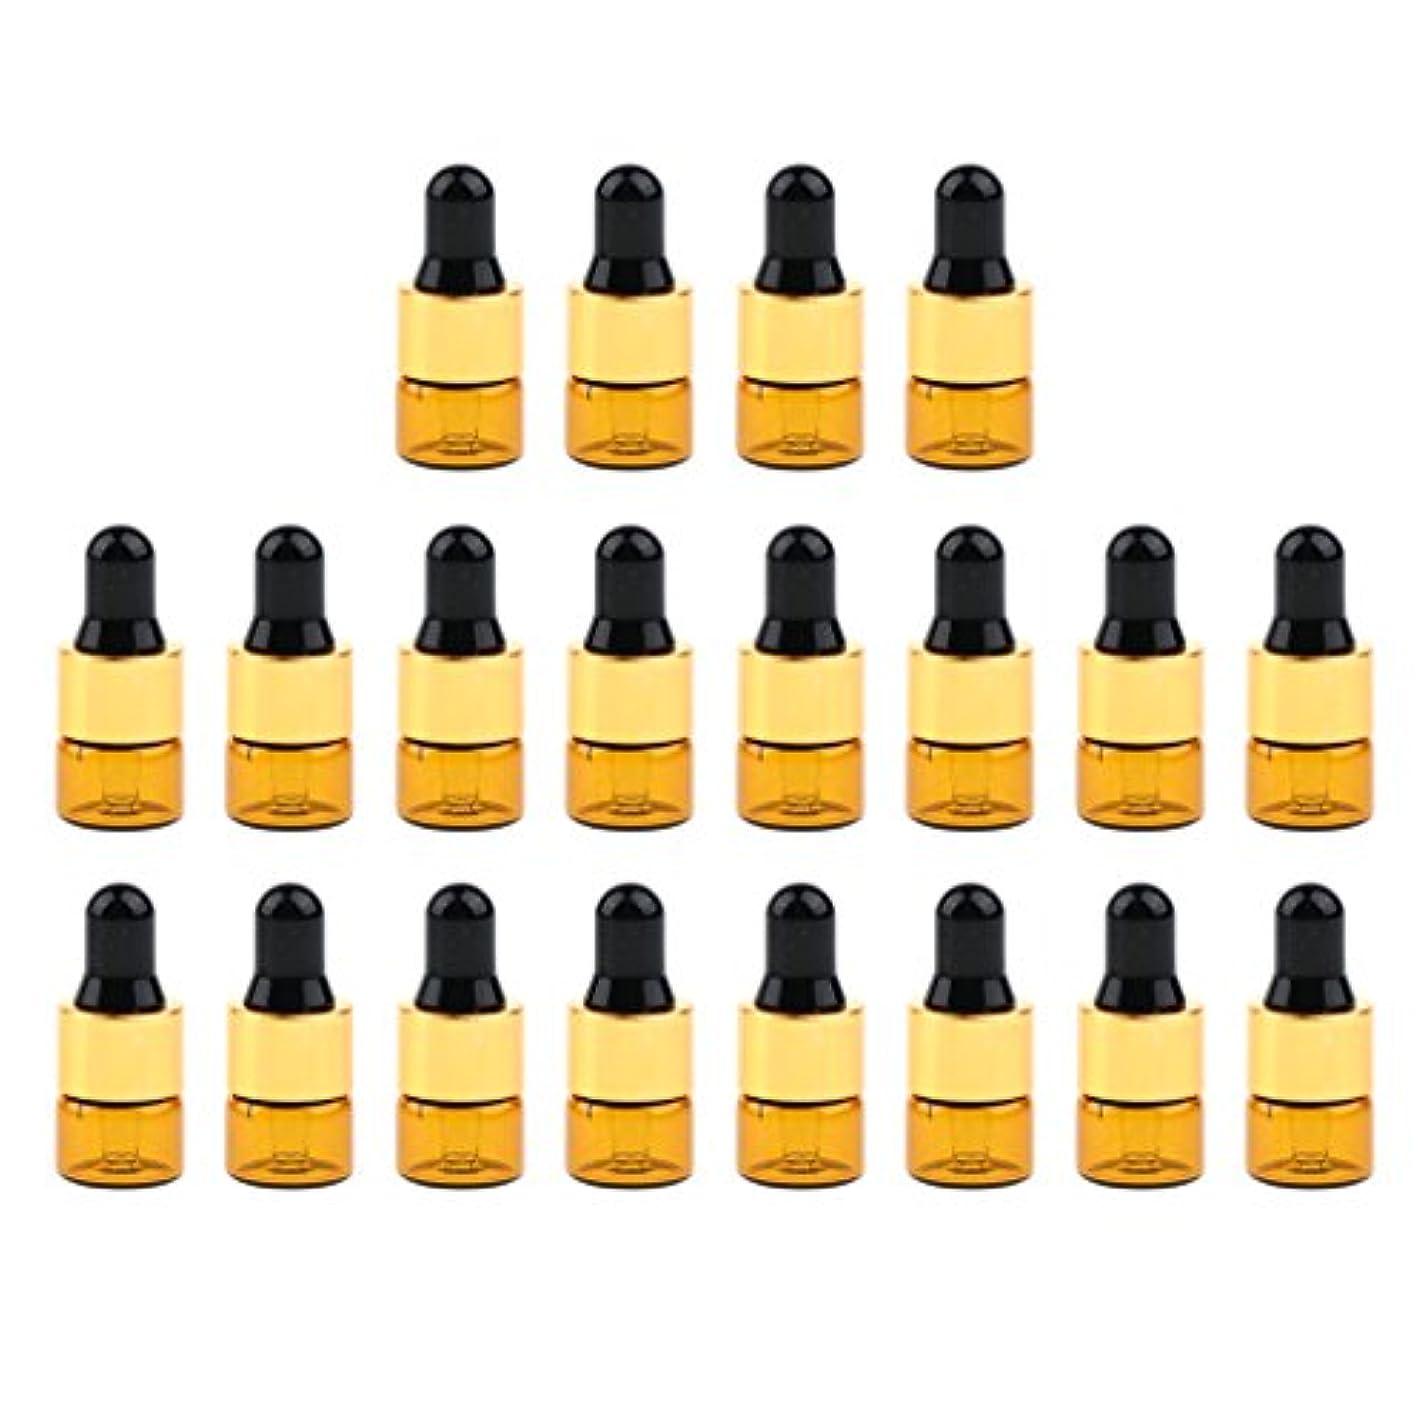 すべき活気づけるサルベージ20セットガラス1ml 2ml 3mlエッセンシャルオイル香水用オリフィスリデューサースポイト付き詰め替え可能空Emptyボトル - 1ミリリットル